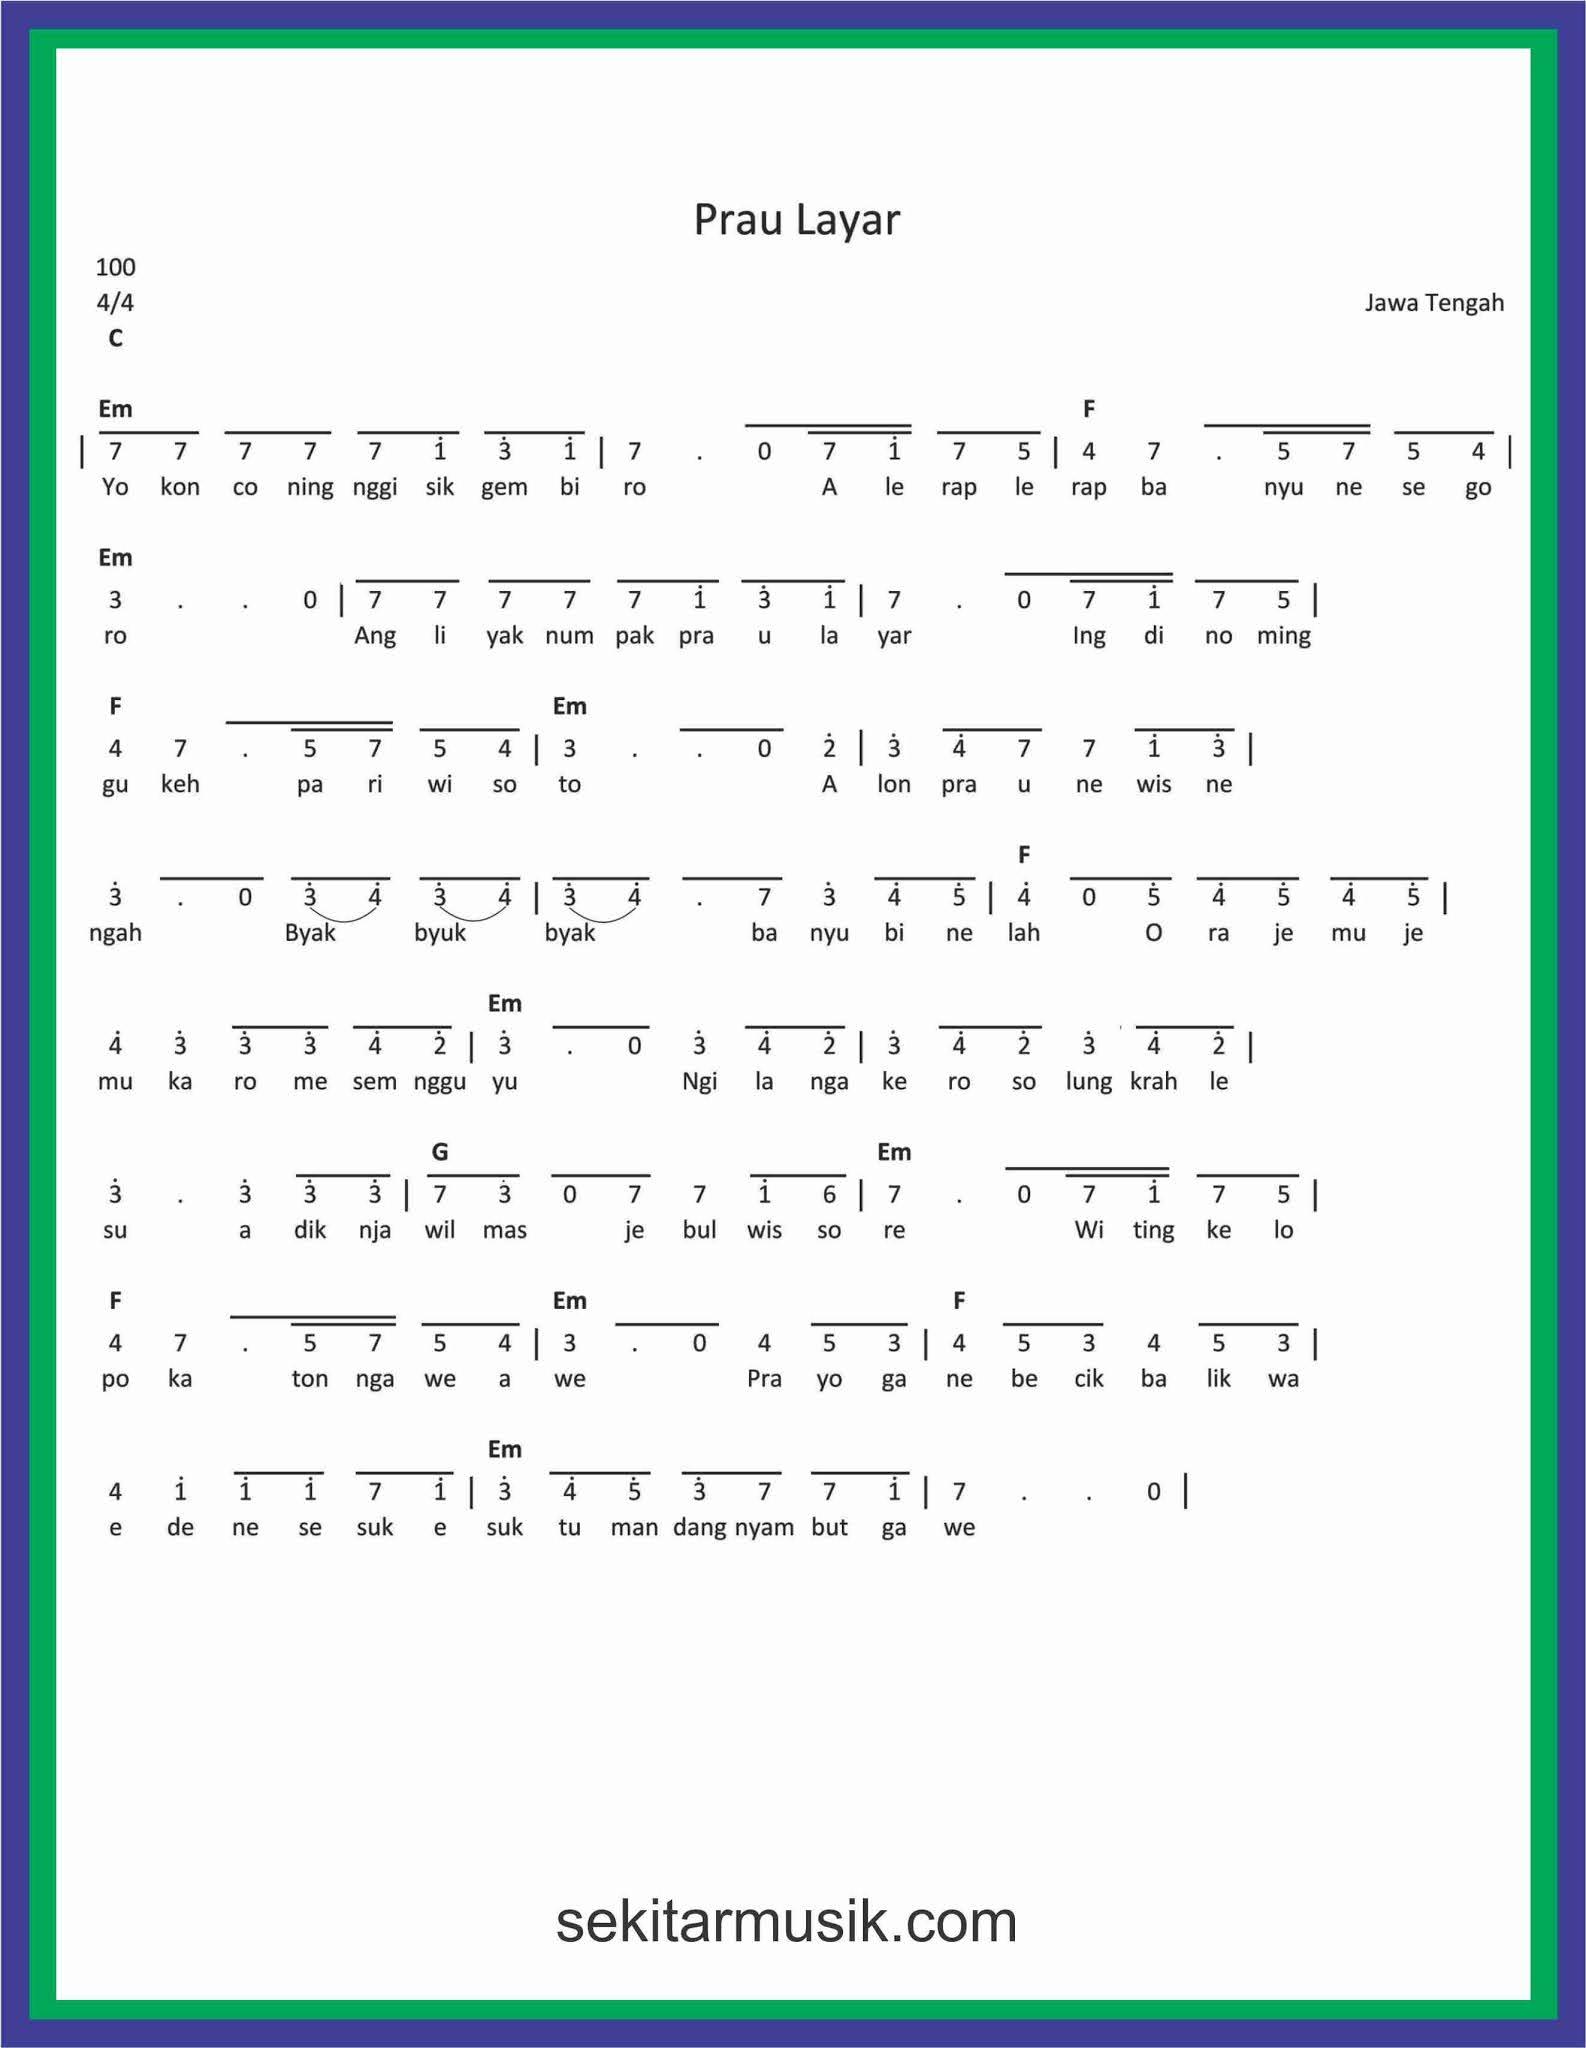 Lirik Lagu Prahu Layar : lirik, prahu, layar, Angka, Layar, SEKITAR, MUSIK